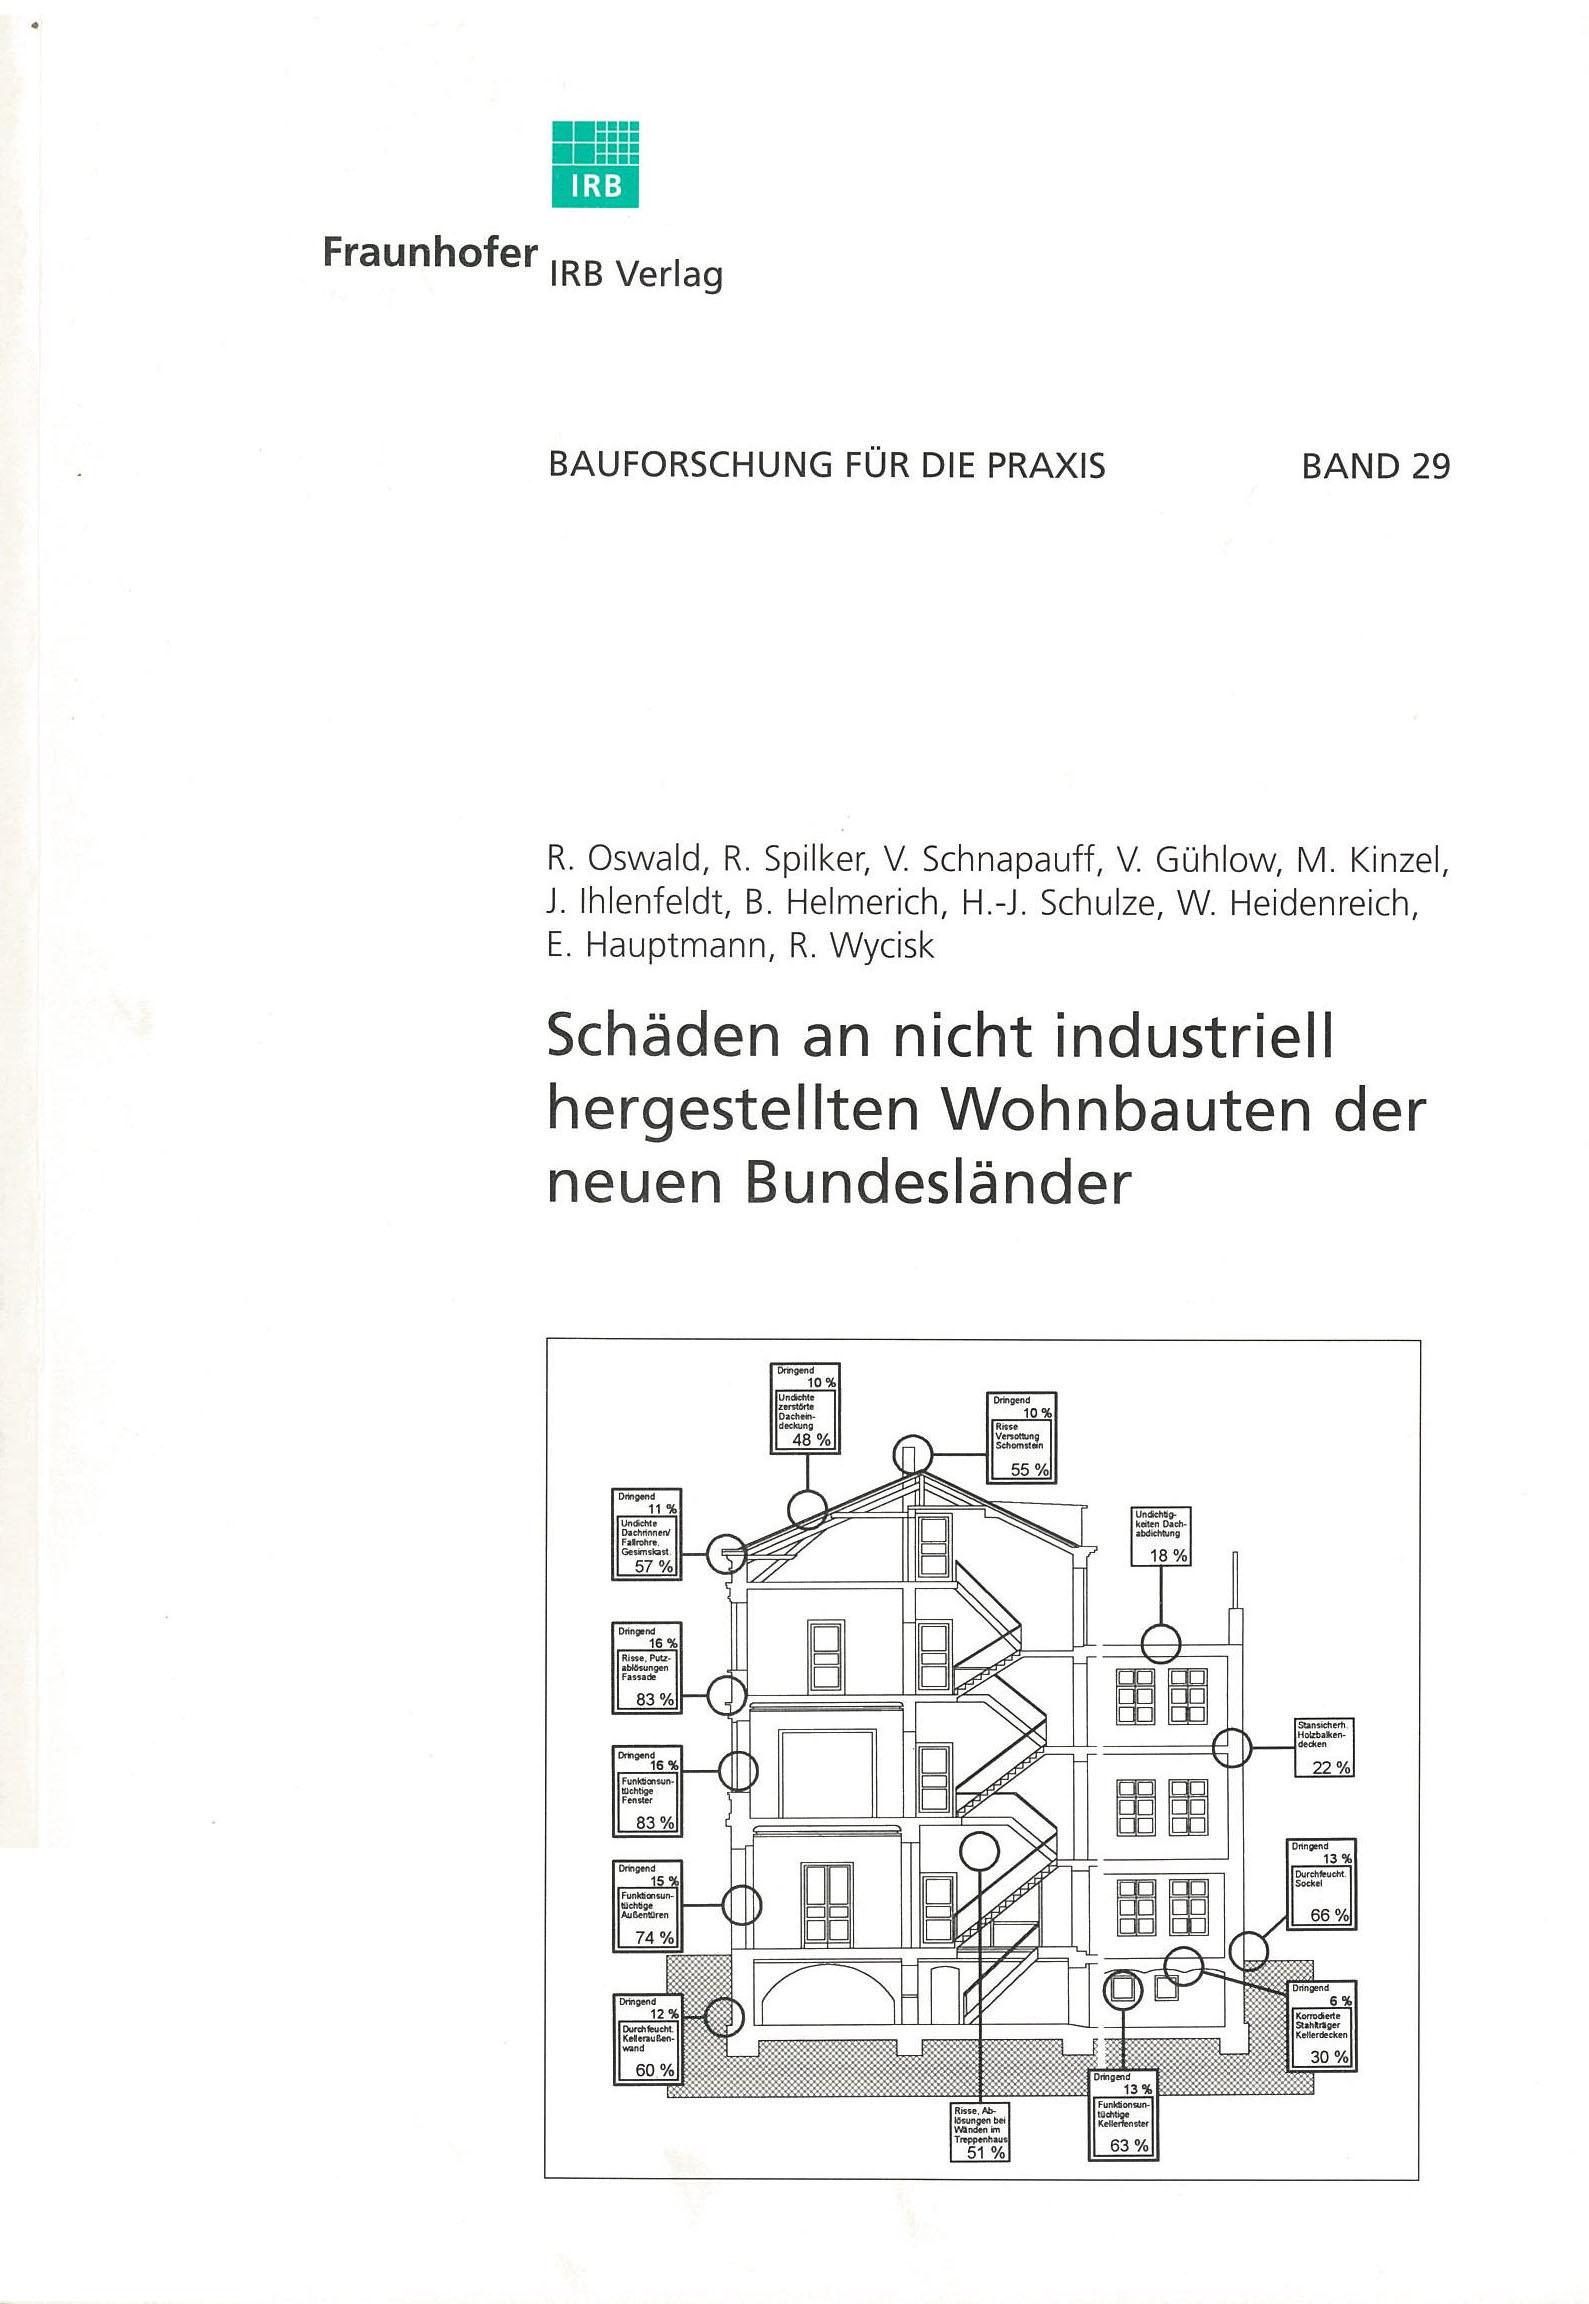 Schäden an nicht industriell hergestellten Wohnbauten der neuen Bundesländer